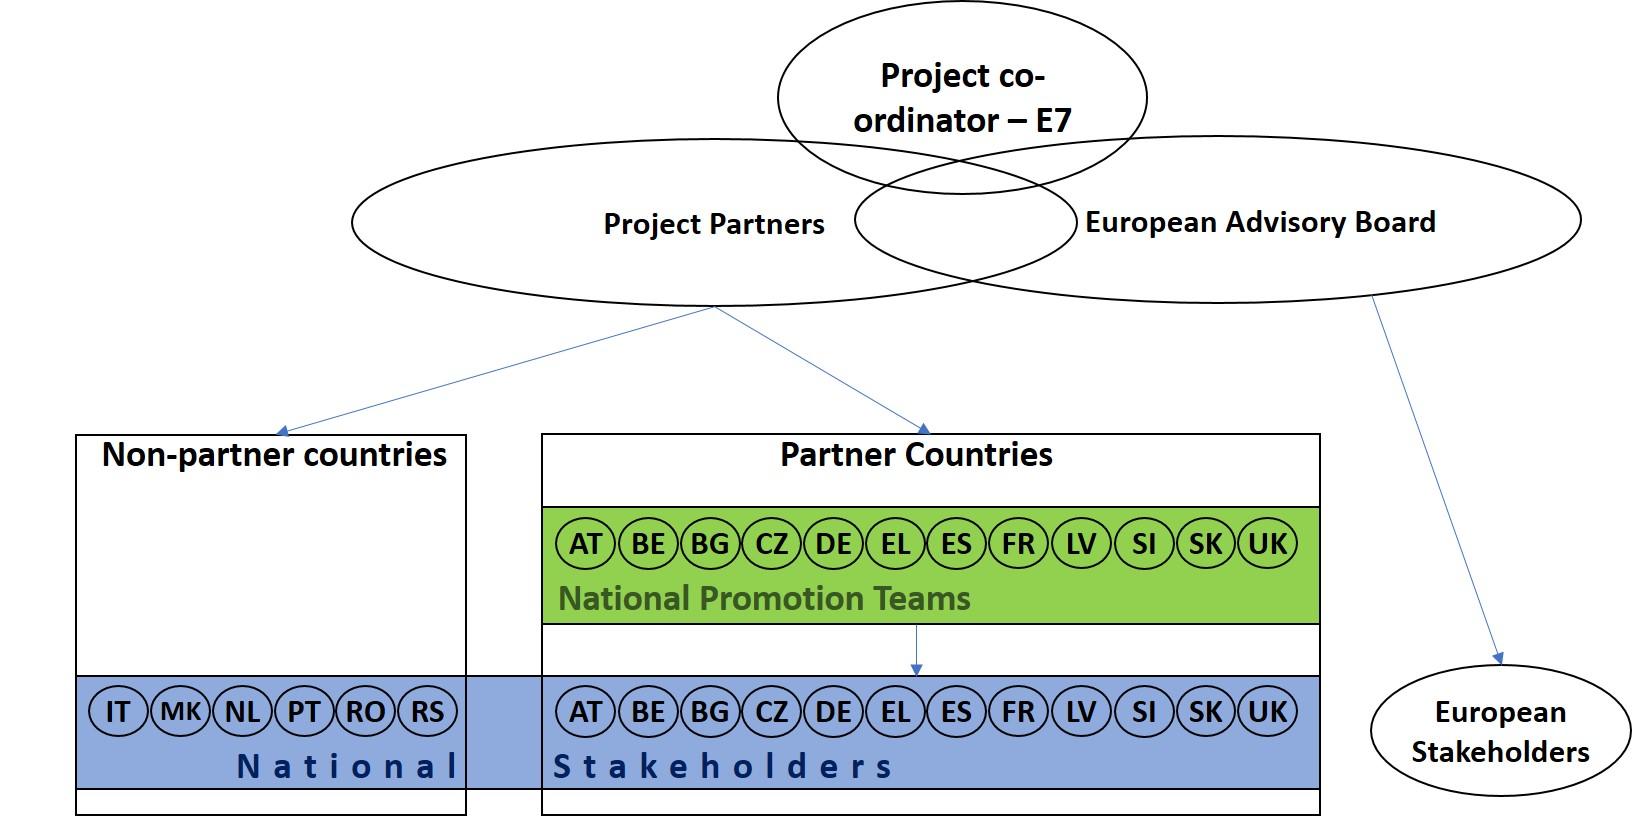 1 2 project consortium diagram v1  1 2 project consortium diagram v1